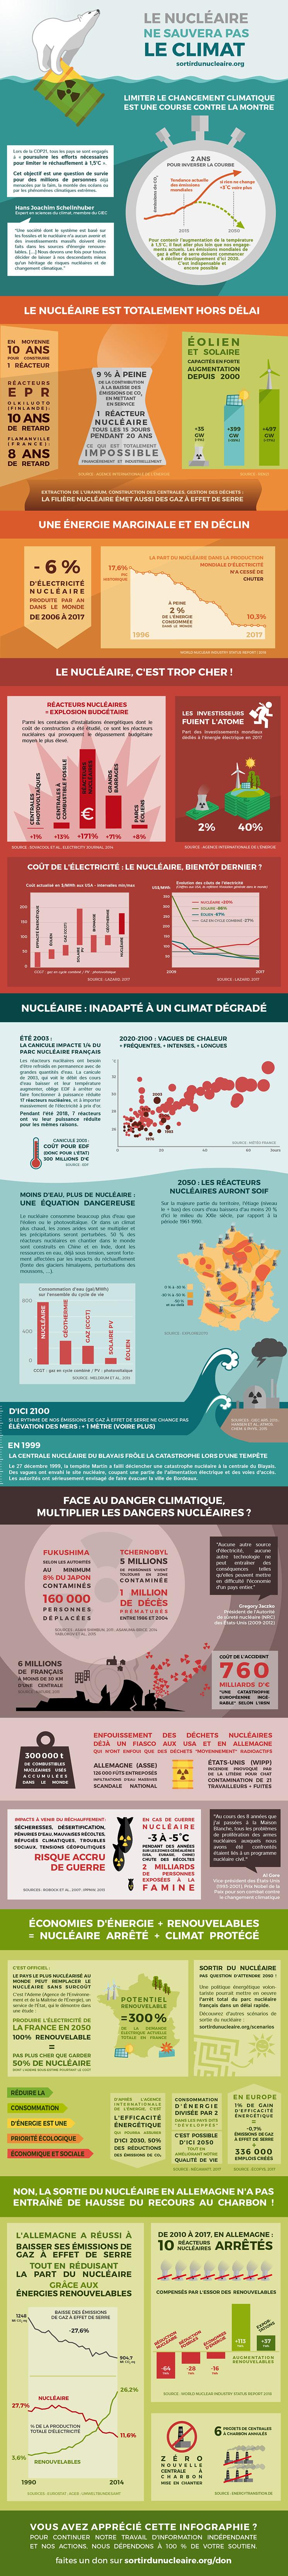 Le nucléaire ne sauvera pas le climat !